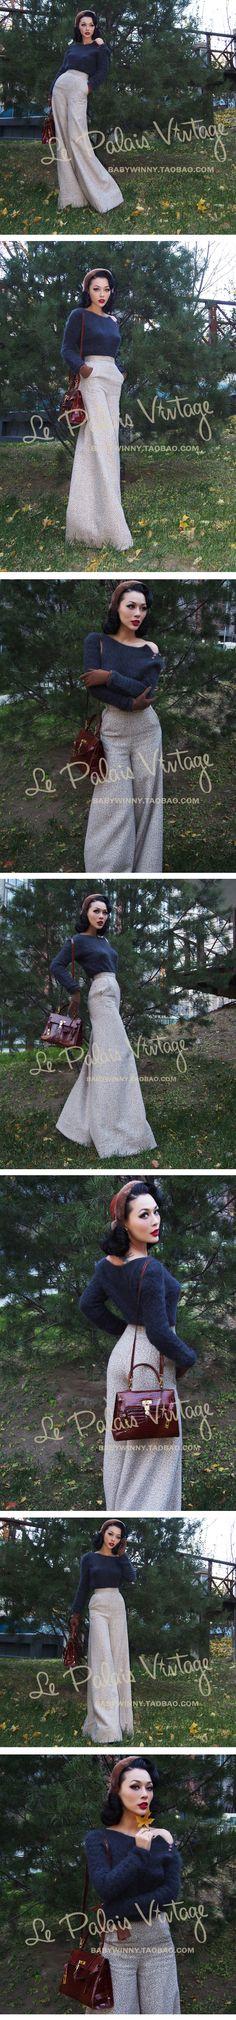 Envío gratis Le palais vendimia tweed de color beige elegante vintage todo fósforo de la cintura los pantalones / pantalones en Pantalones y Capris de Moda y Complementos Mujer en AliExpress.com | Alibaba Group